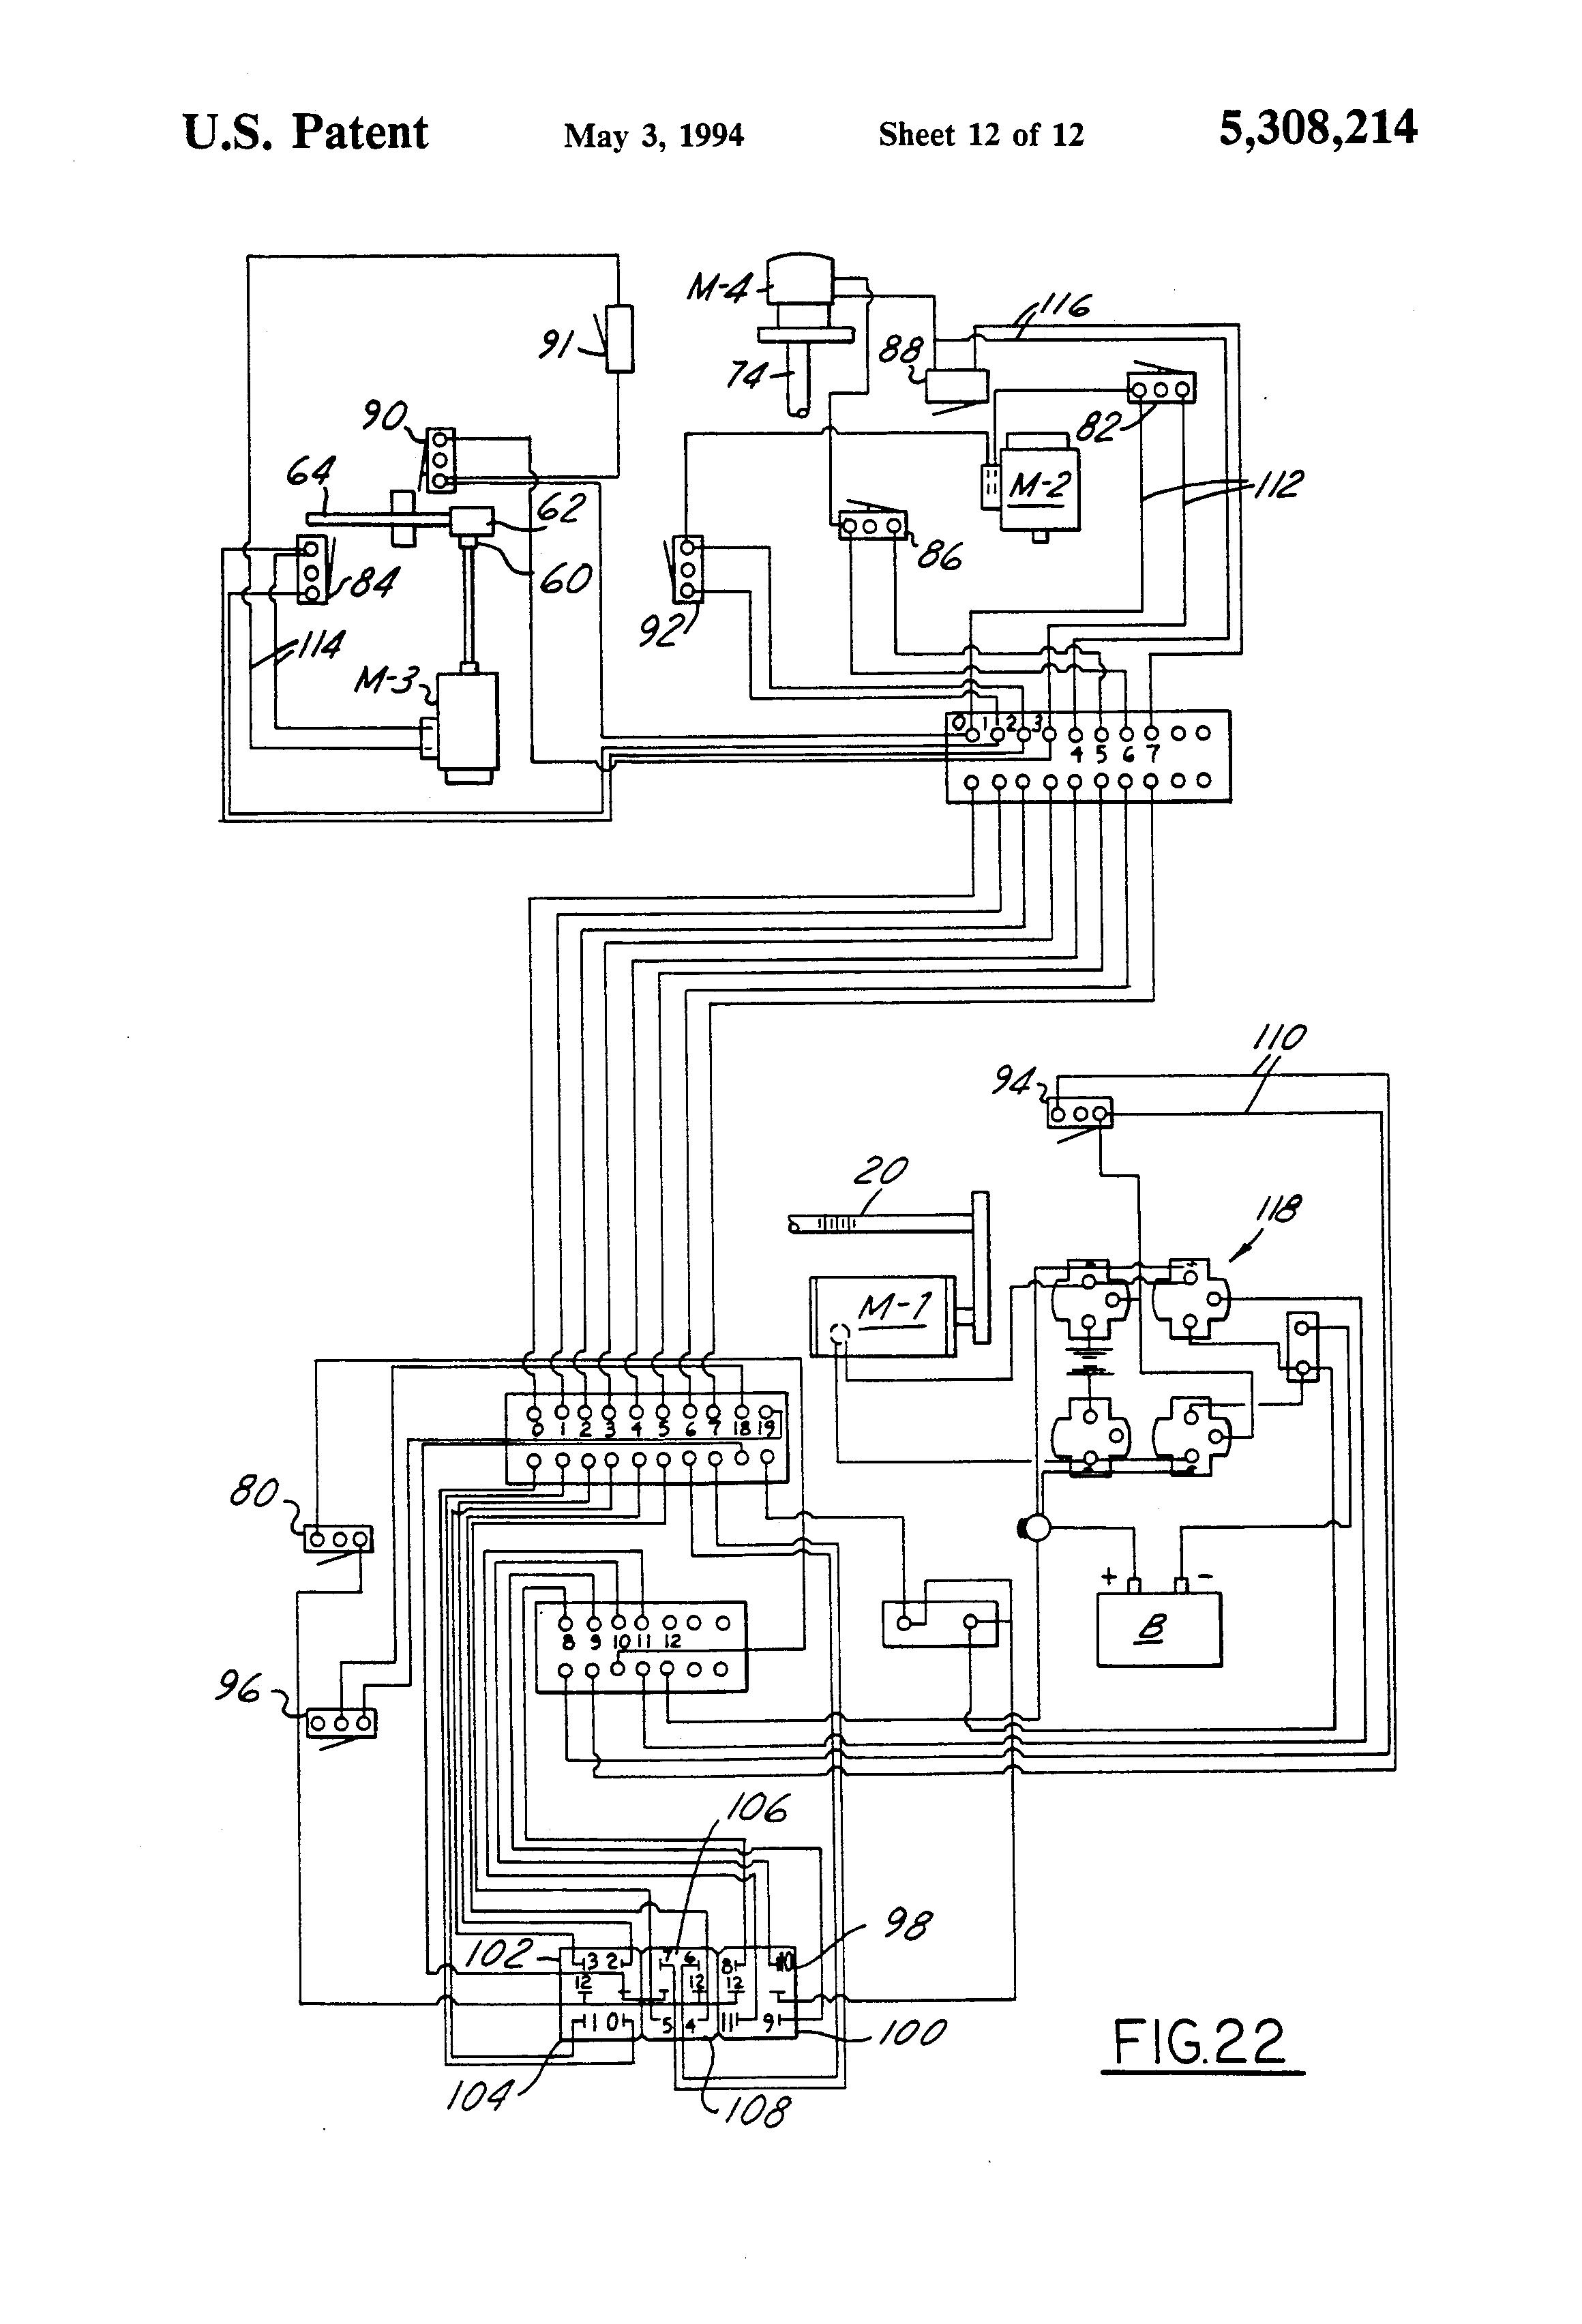 Braun Wiring Diagram - Toyota Rav4 Radio Wiring for Wiring Diagram  SchematicsWiring Diagram Schematics